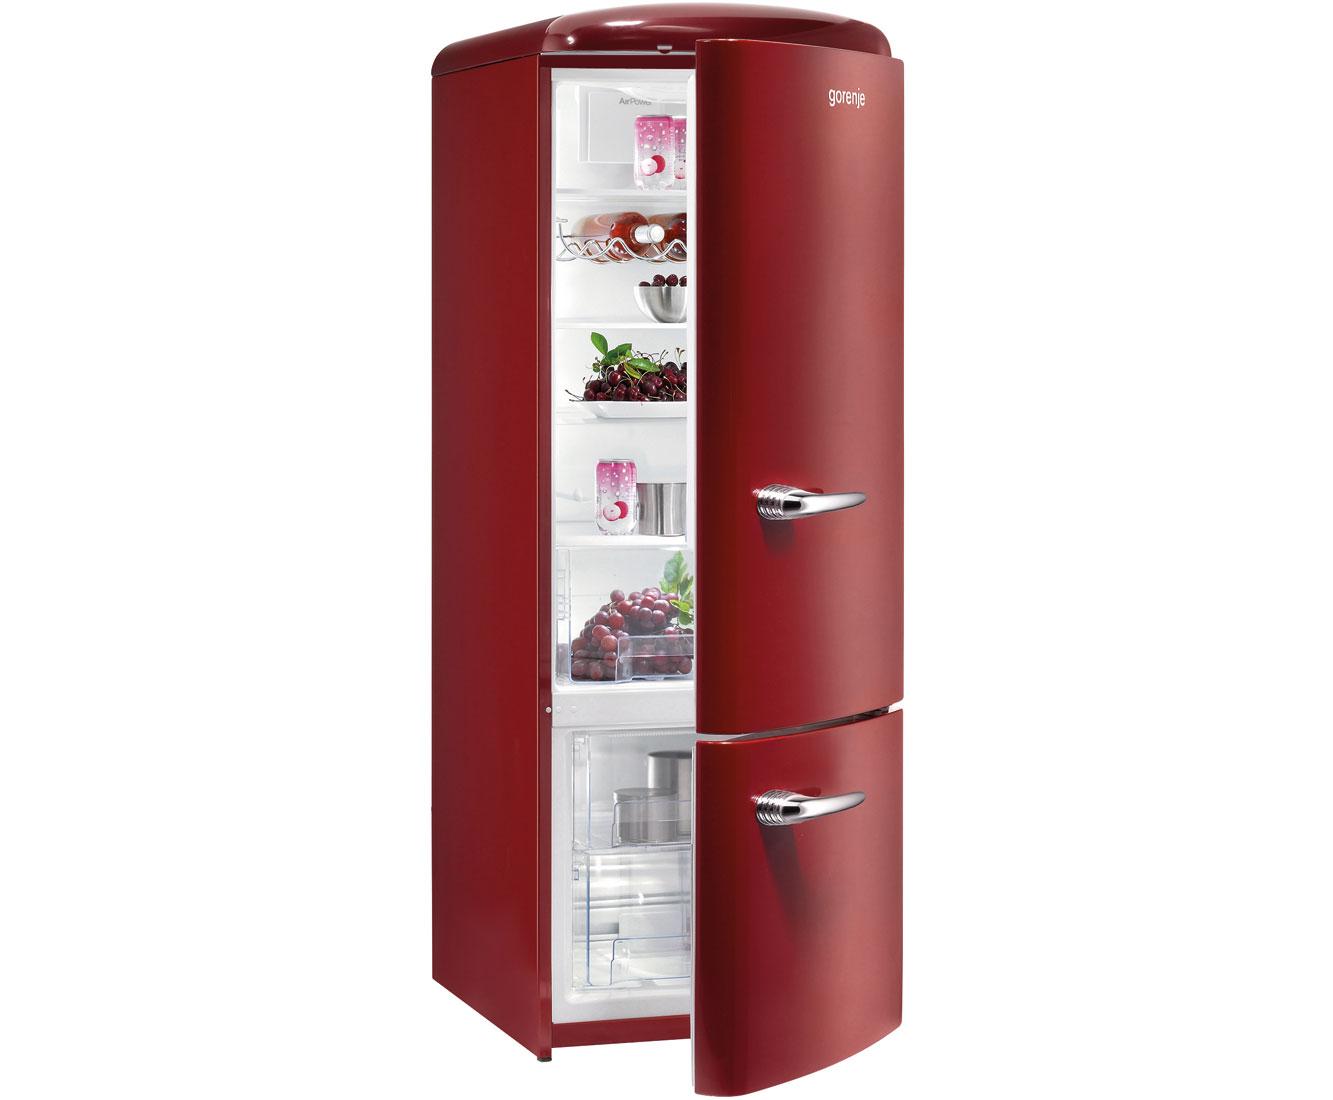 Gorenje Kühlschrank Creme Retro : Gorenje spartage bei ao z.b. rote retro kühlschränke ab 264